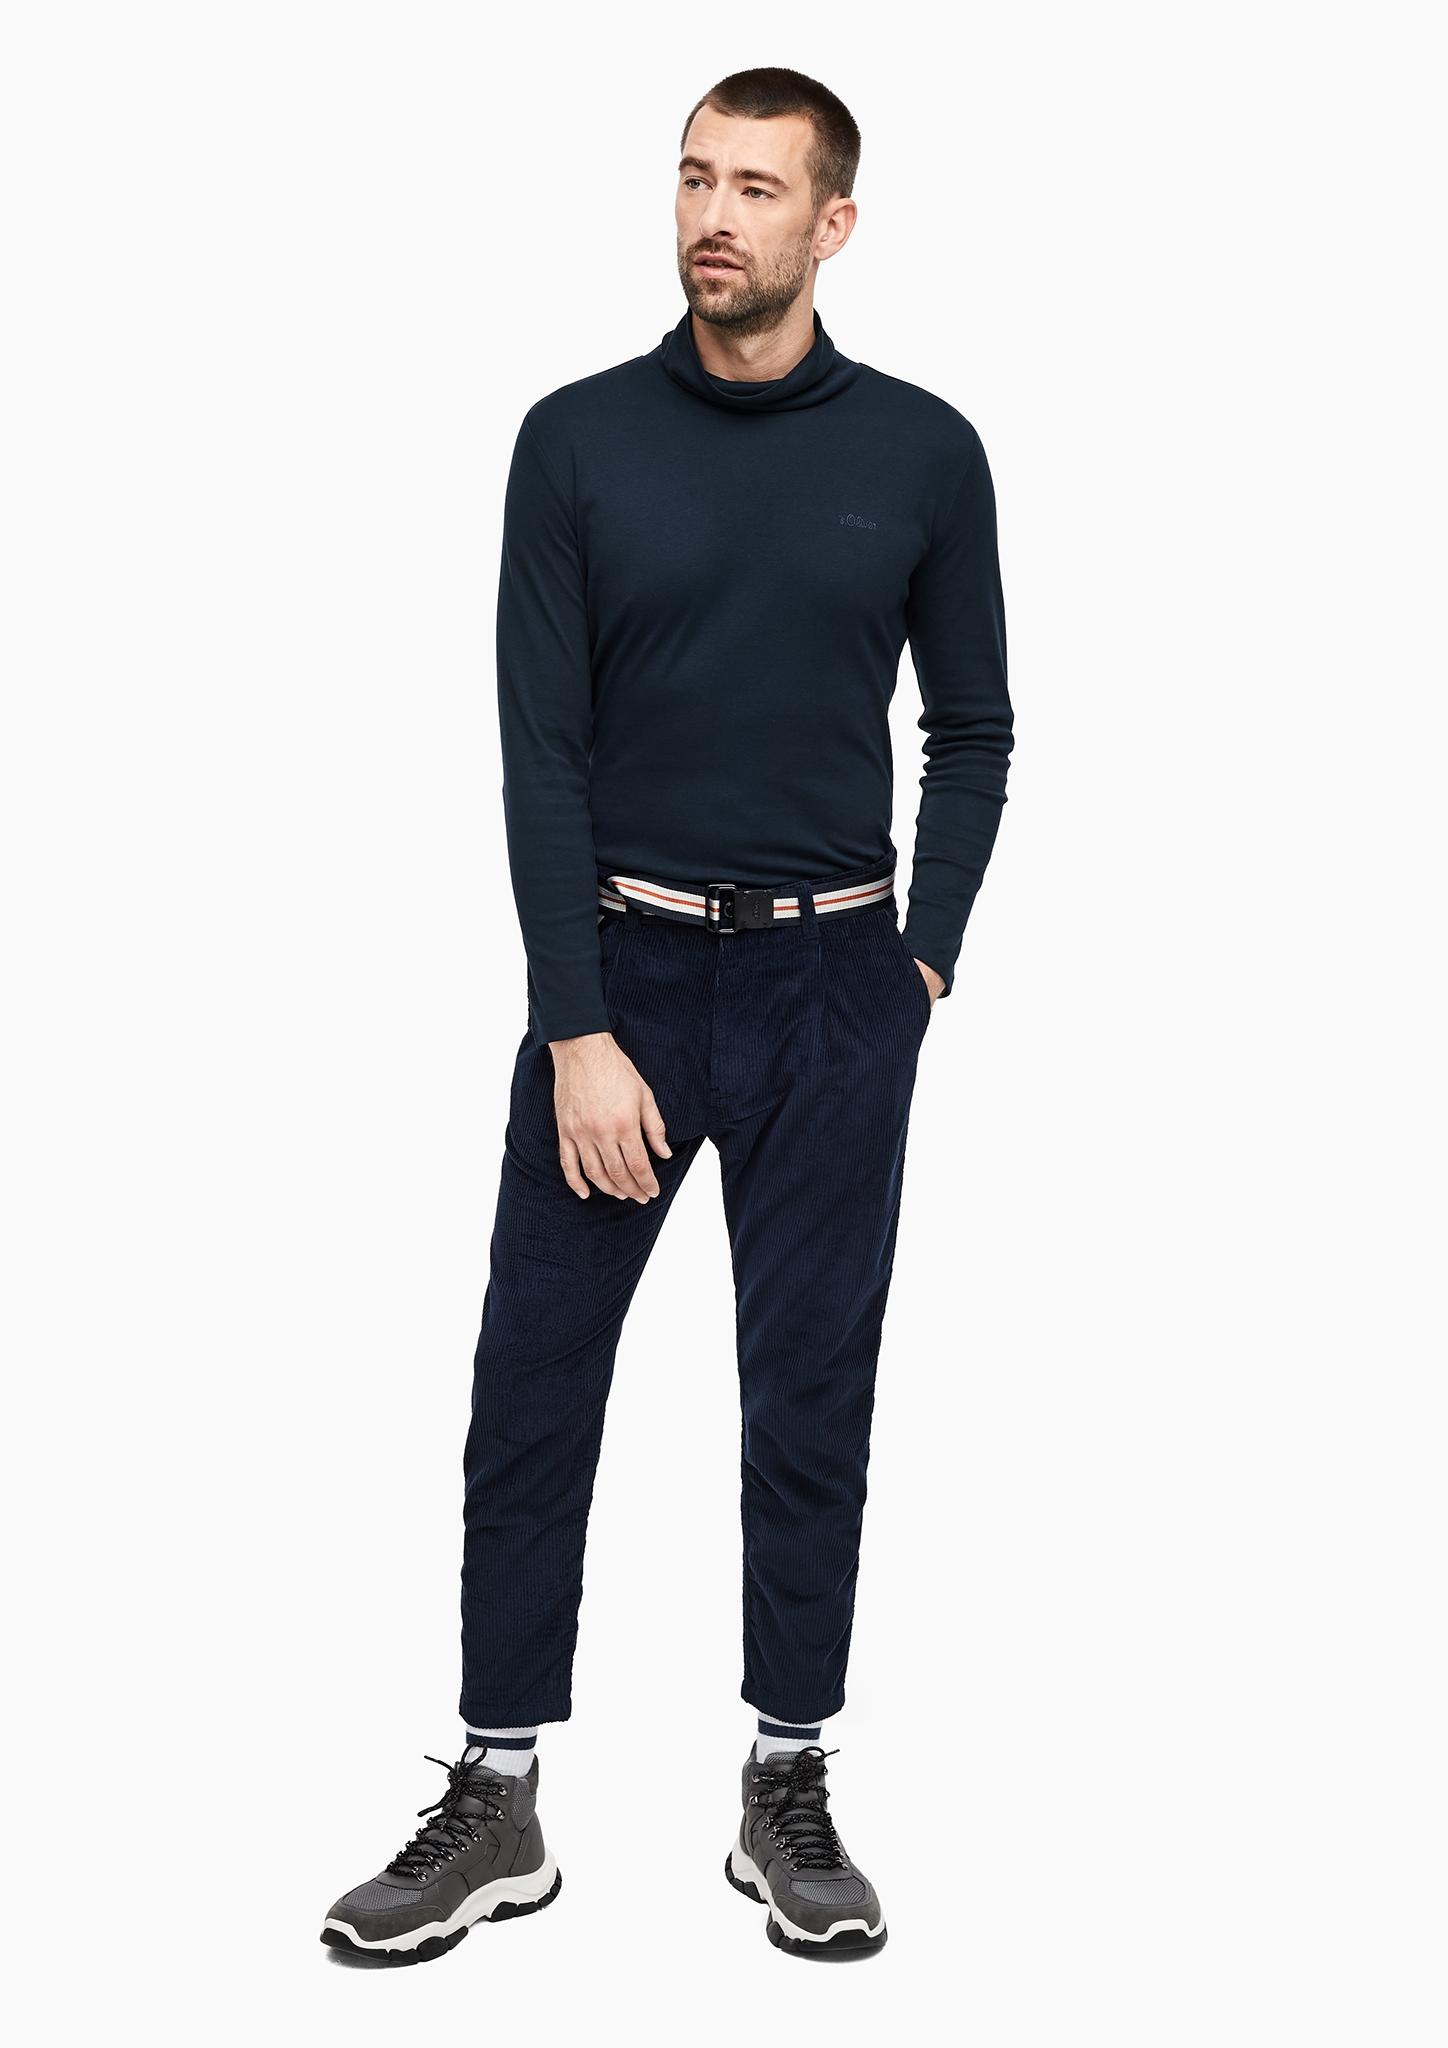 s-Oliver-Casual-Men-Langarmshirt-mit-Rollkragen-Neu Indexbild 9